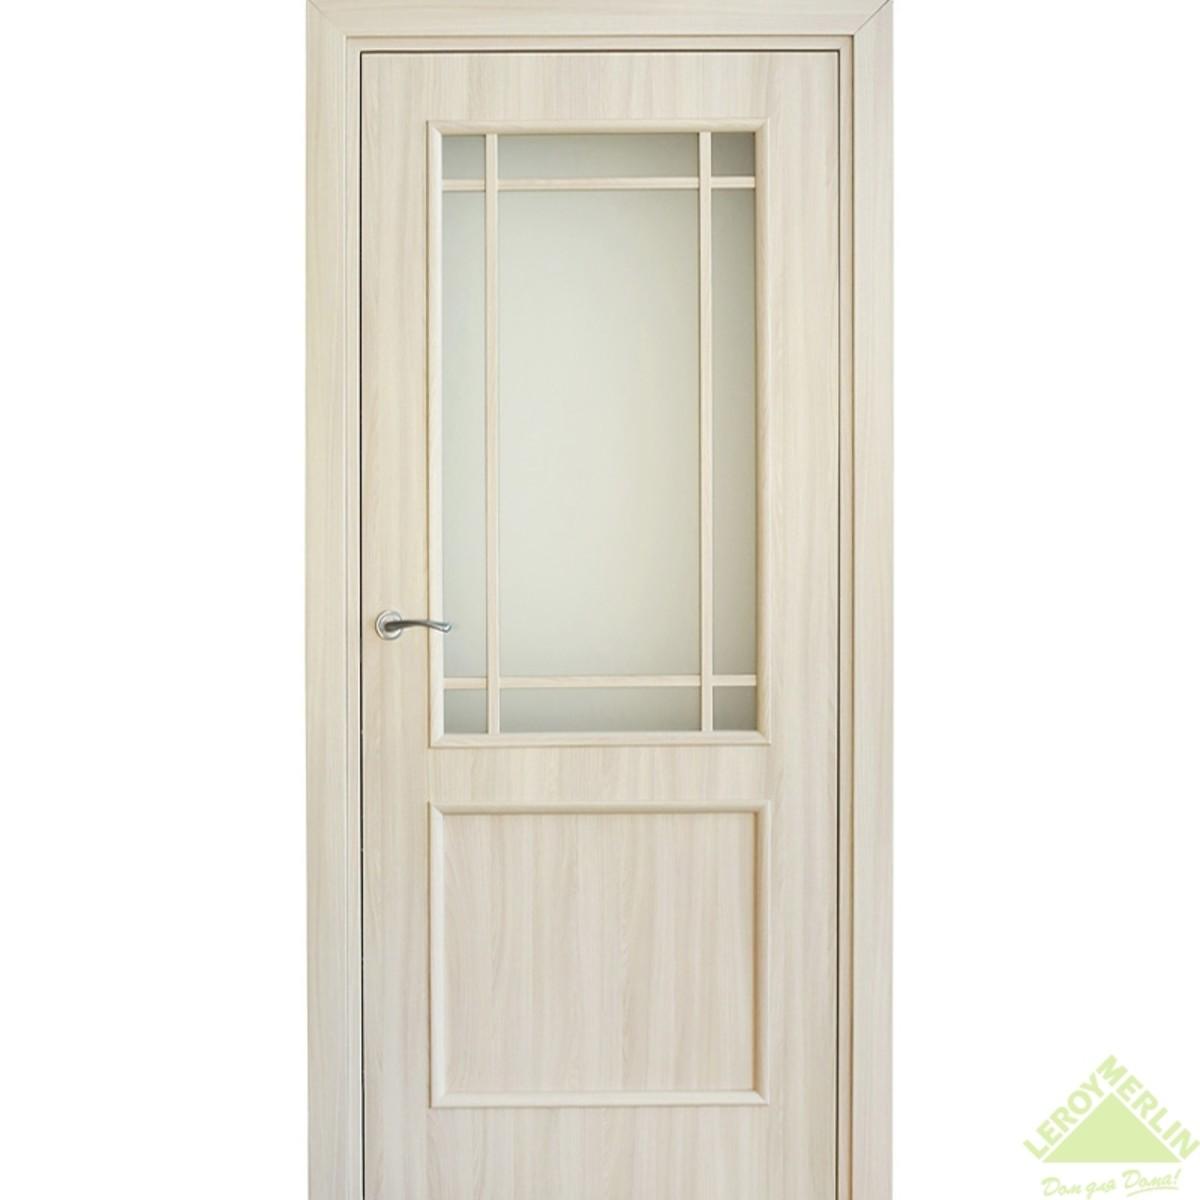 Дверь межкомнатная остеклённая Фортунато Классика 70x200 см ламинация цвет ясень